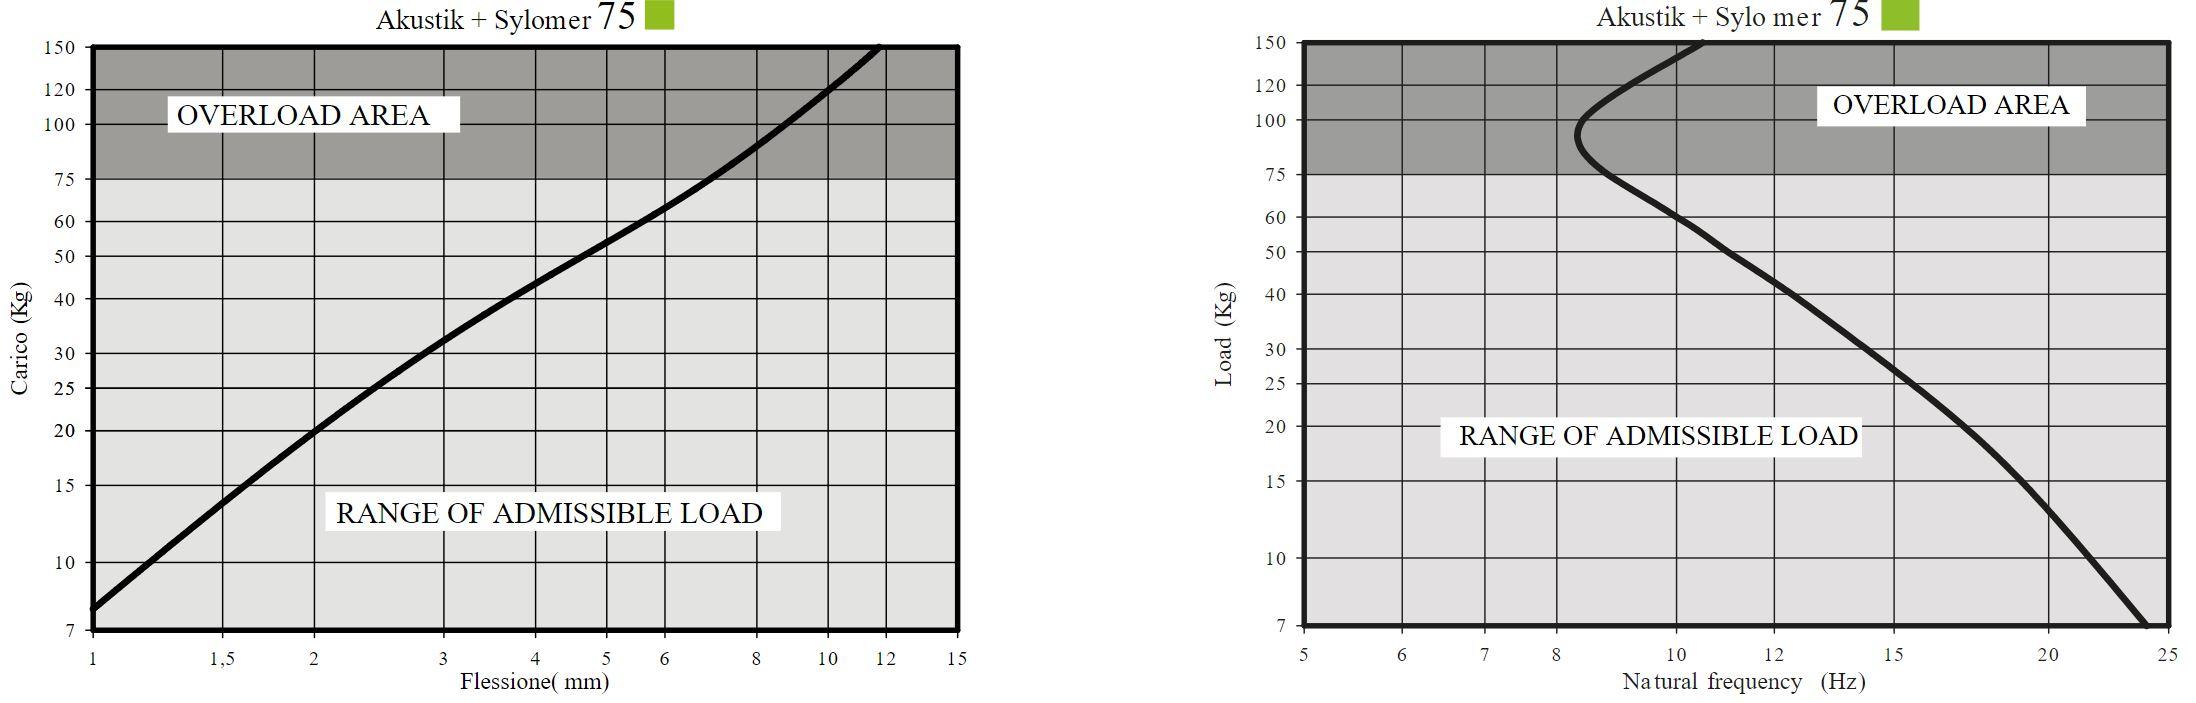 Akustik Super T47 + Sylomer Curve 2